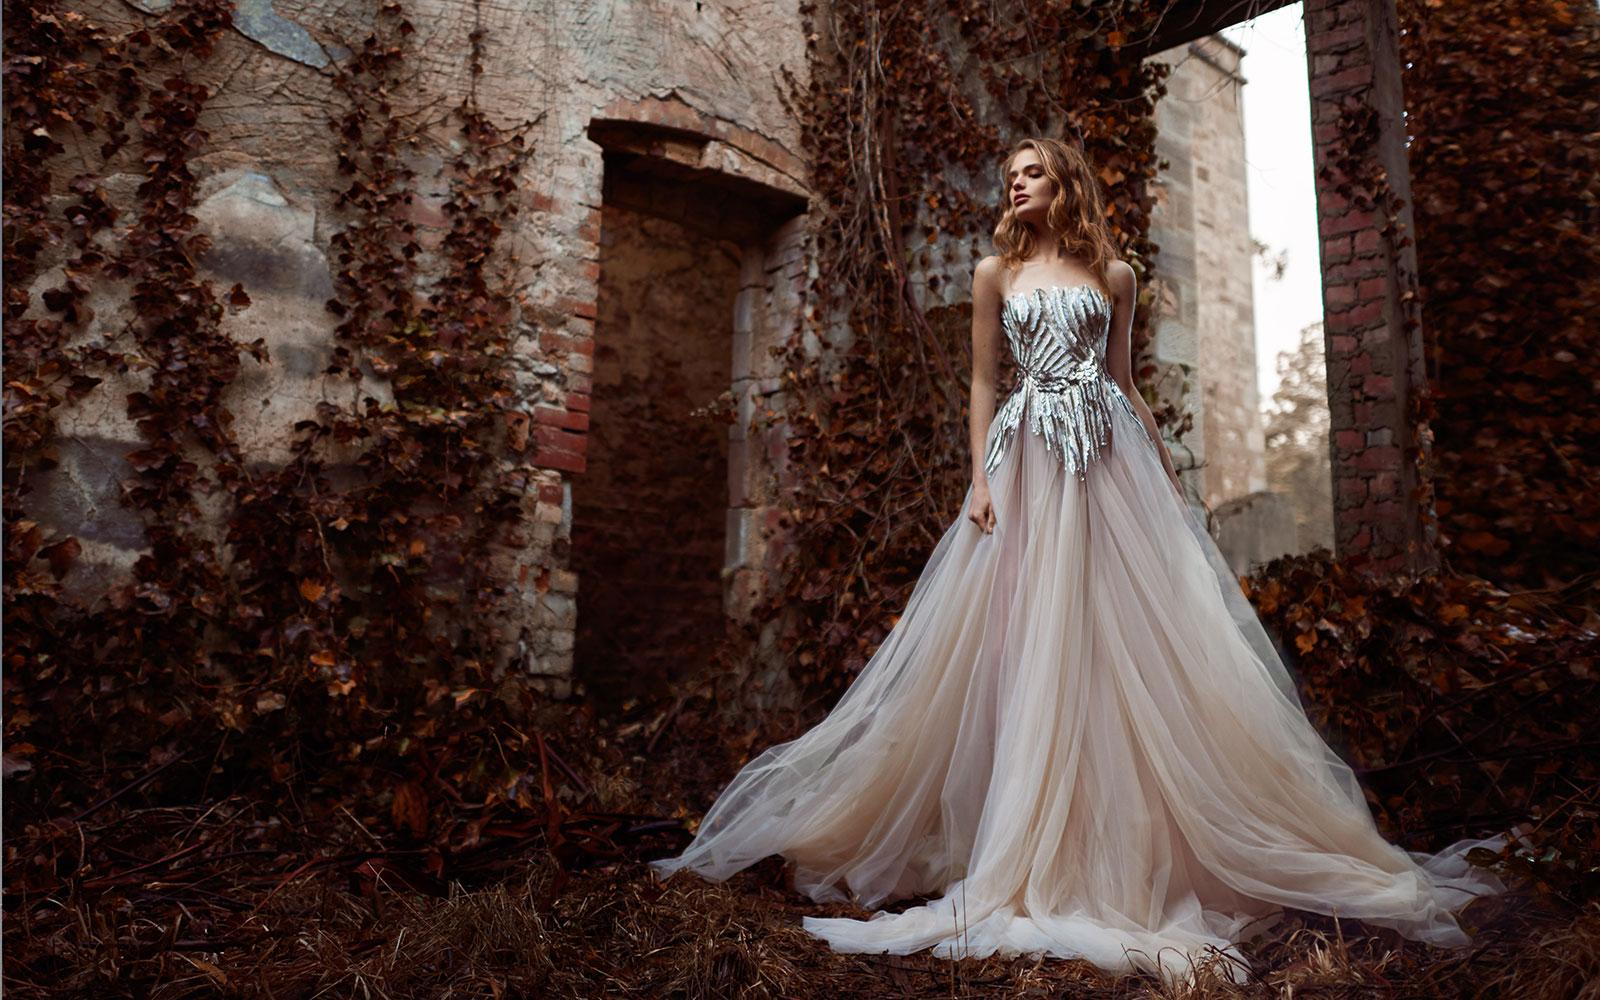 ea1c8dea129 ... Paolo Sebastian 2015-16 Spring Summer Couture 10 ...